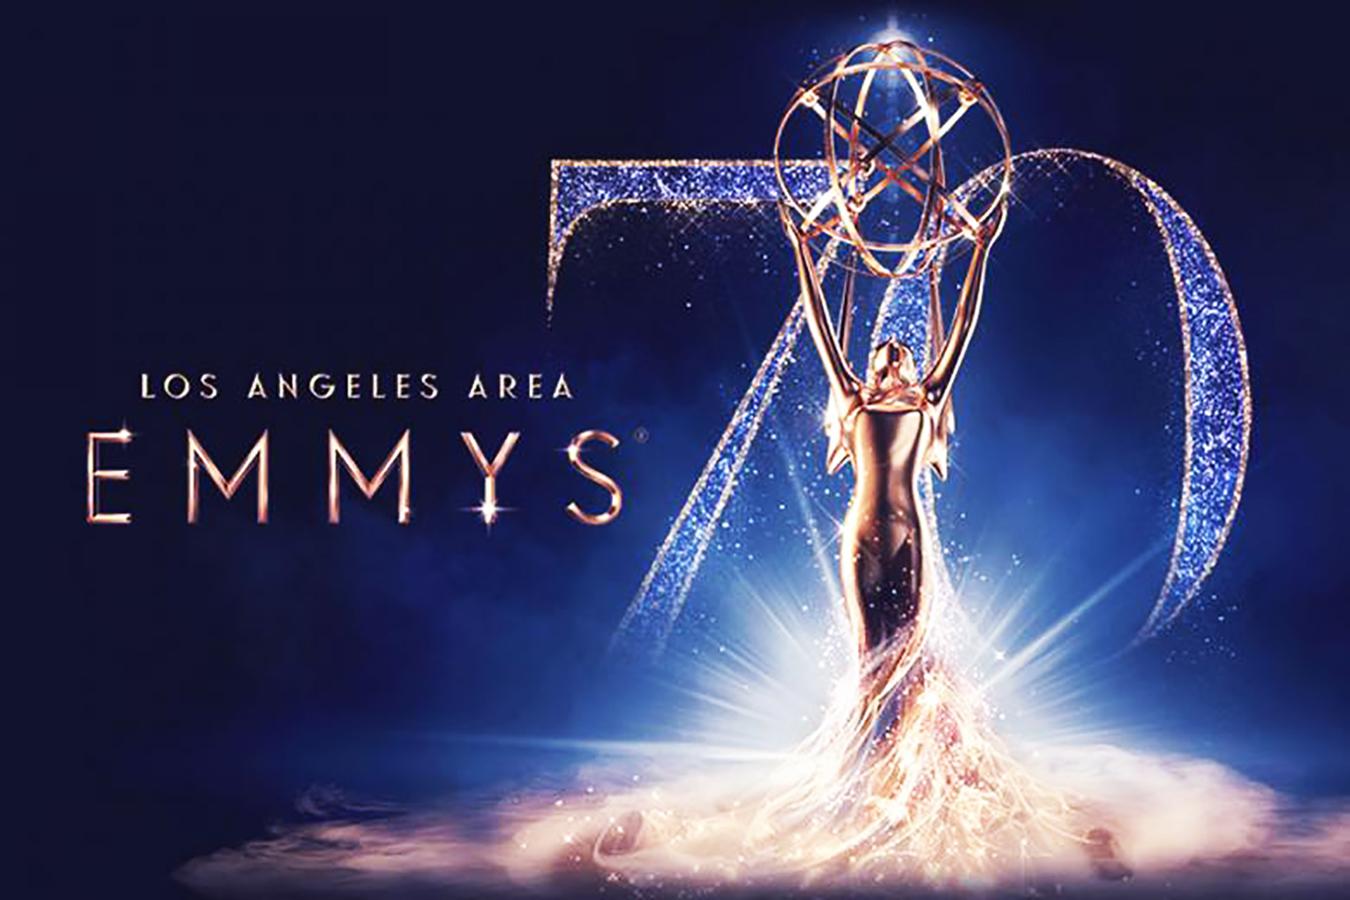 نامزدهای هفتادمین دوره از جوایز امی اعلام شد